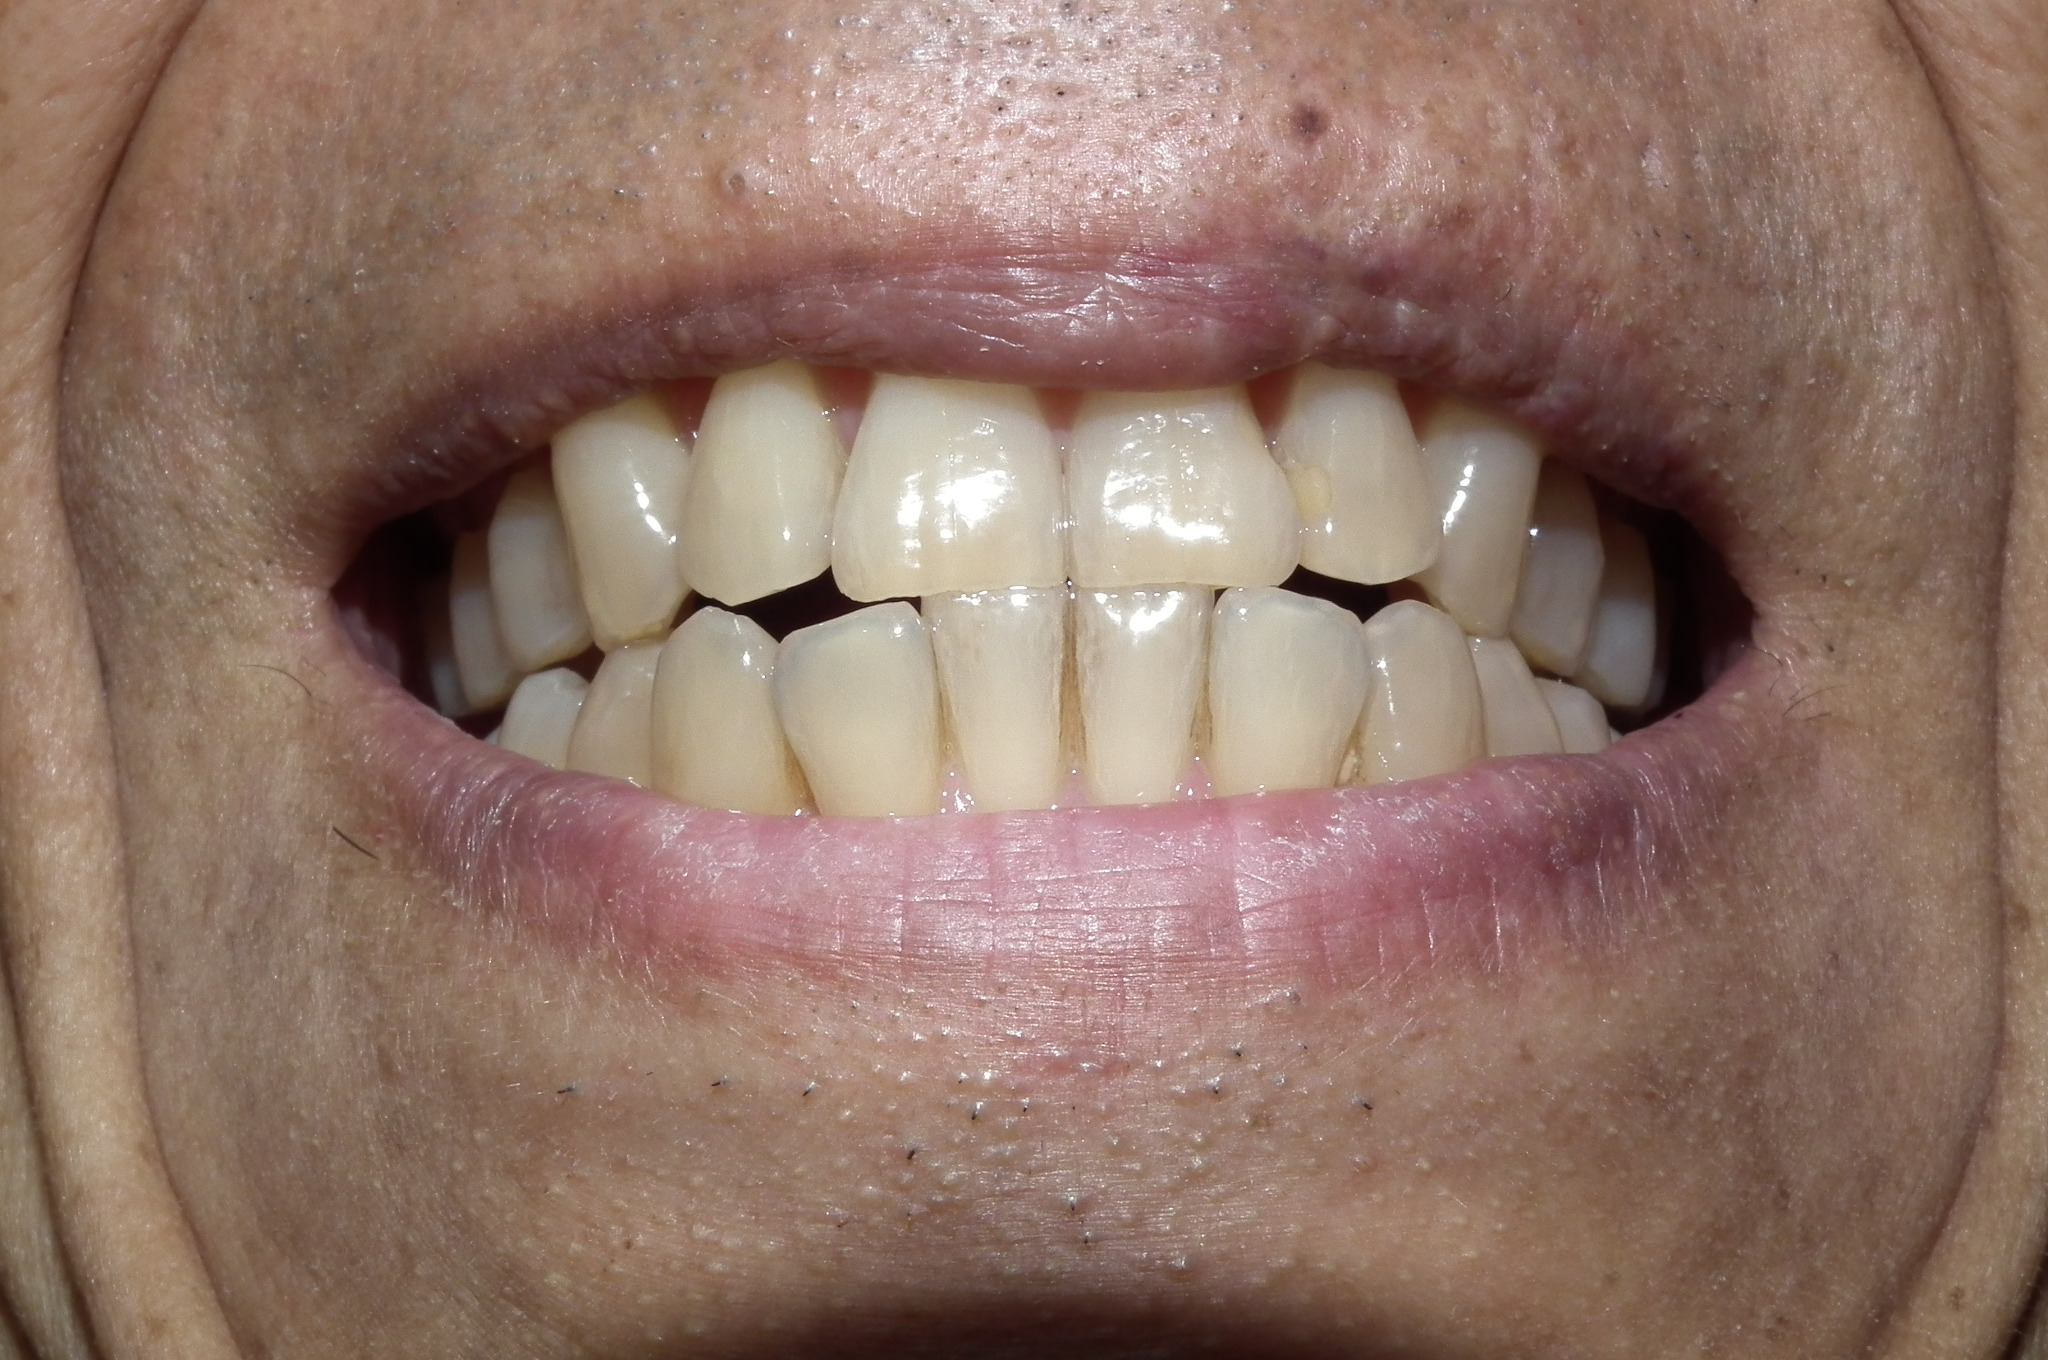 リステリンの効果と使い方まとめ!痛い口内炎や口臭予防におすすめ!のサムネイル画像